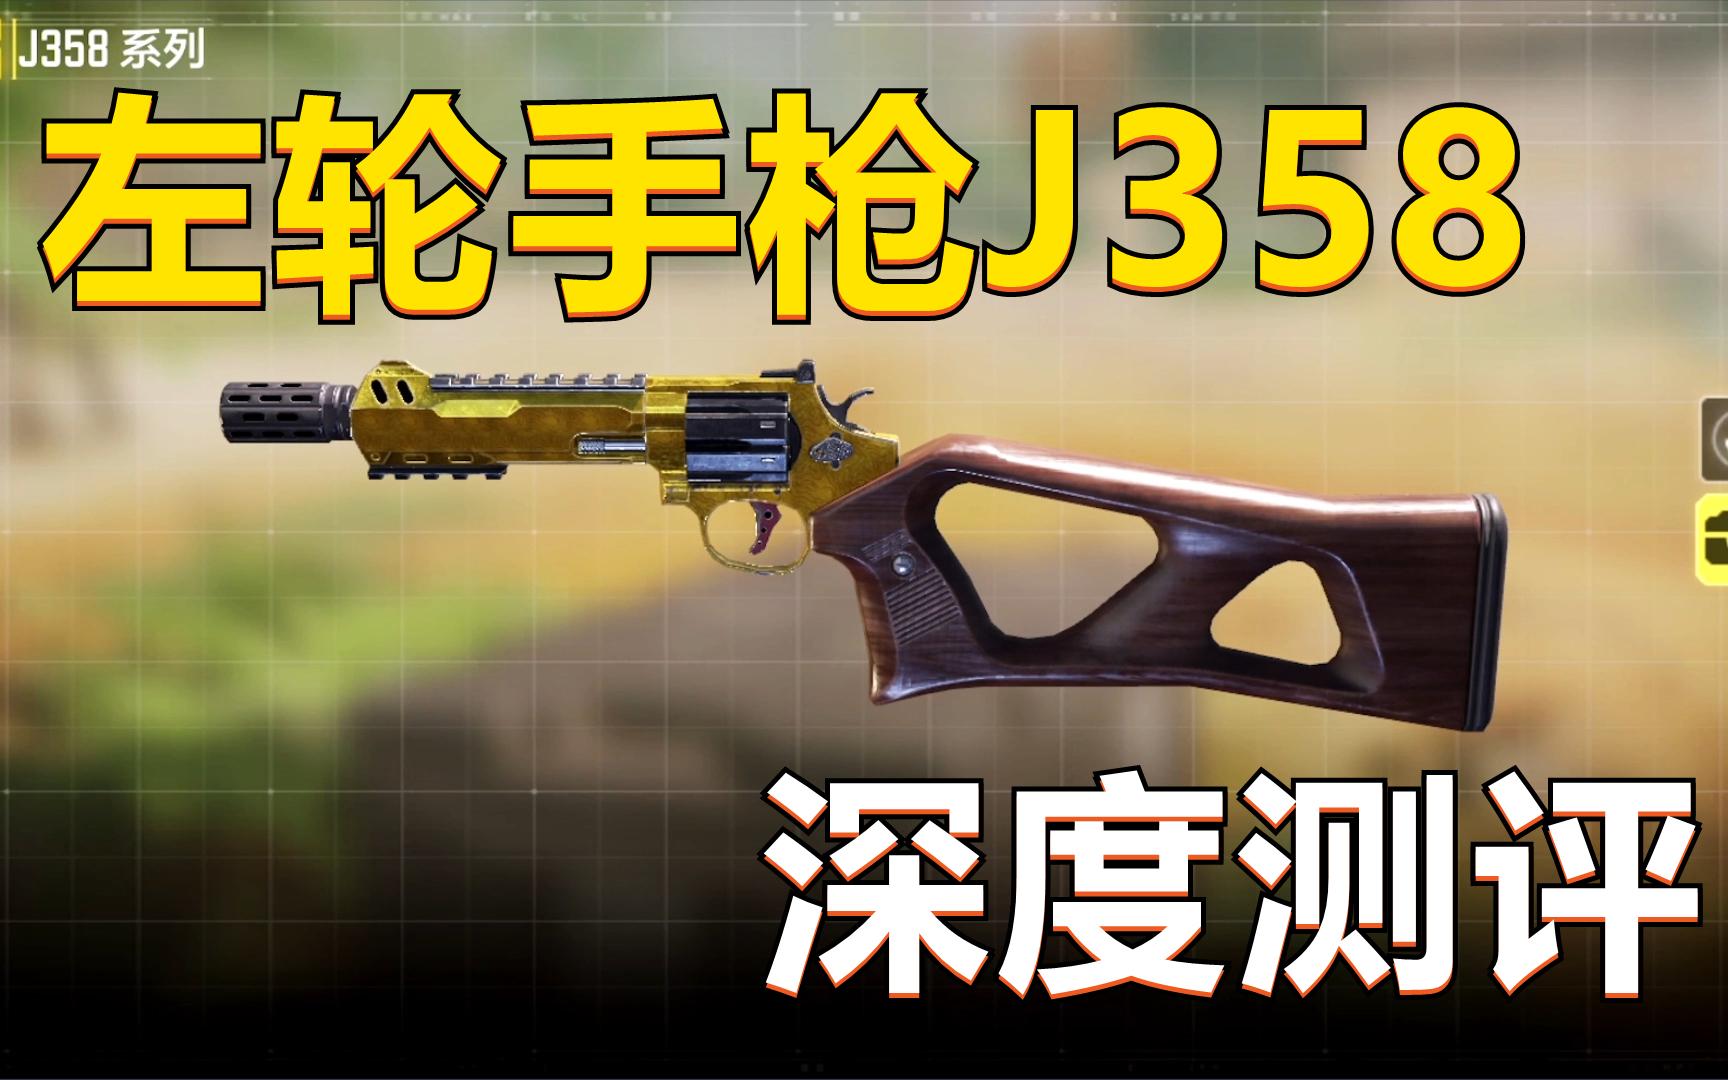 【使命召唤手游】战神局,用手枪打的狙击手落荒而逃?利器J358!